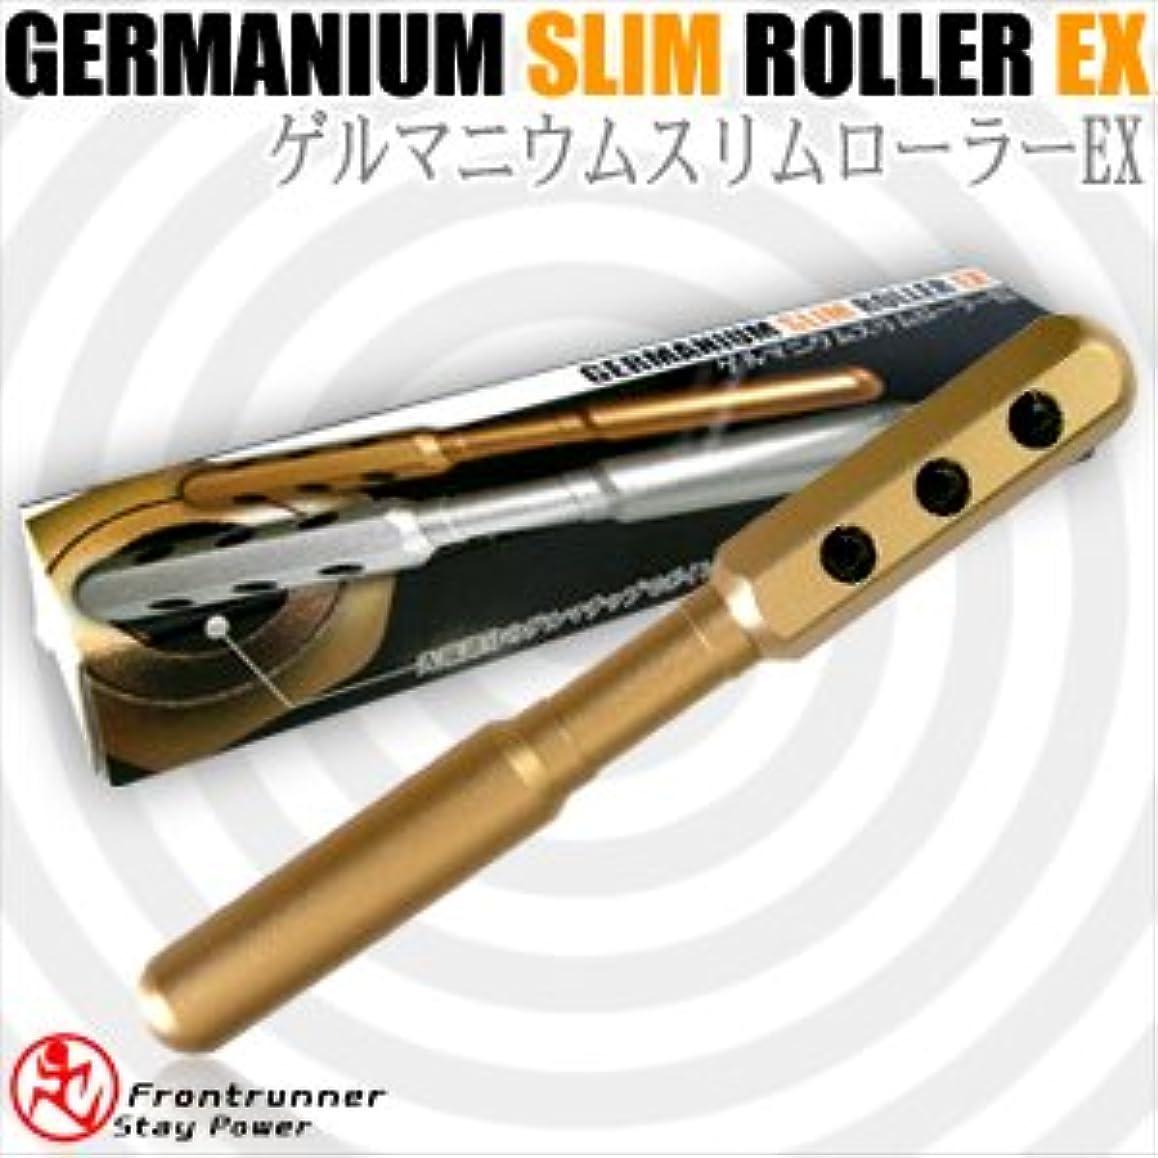 ゲルマニウムスリムローラーEX(ゴールド)